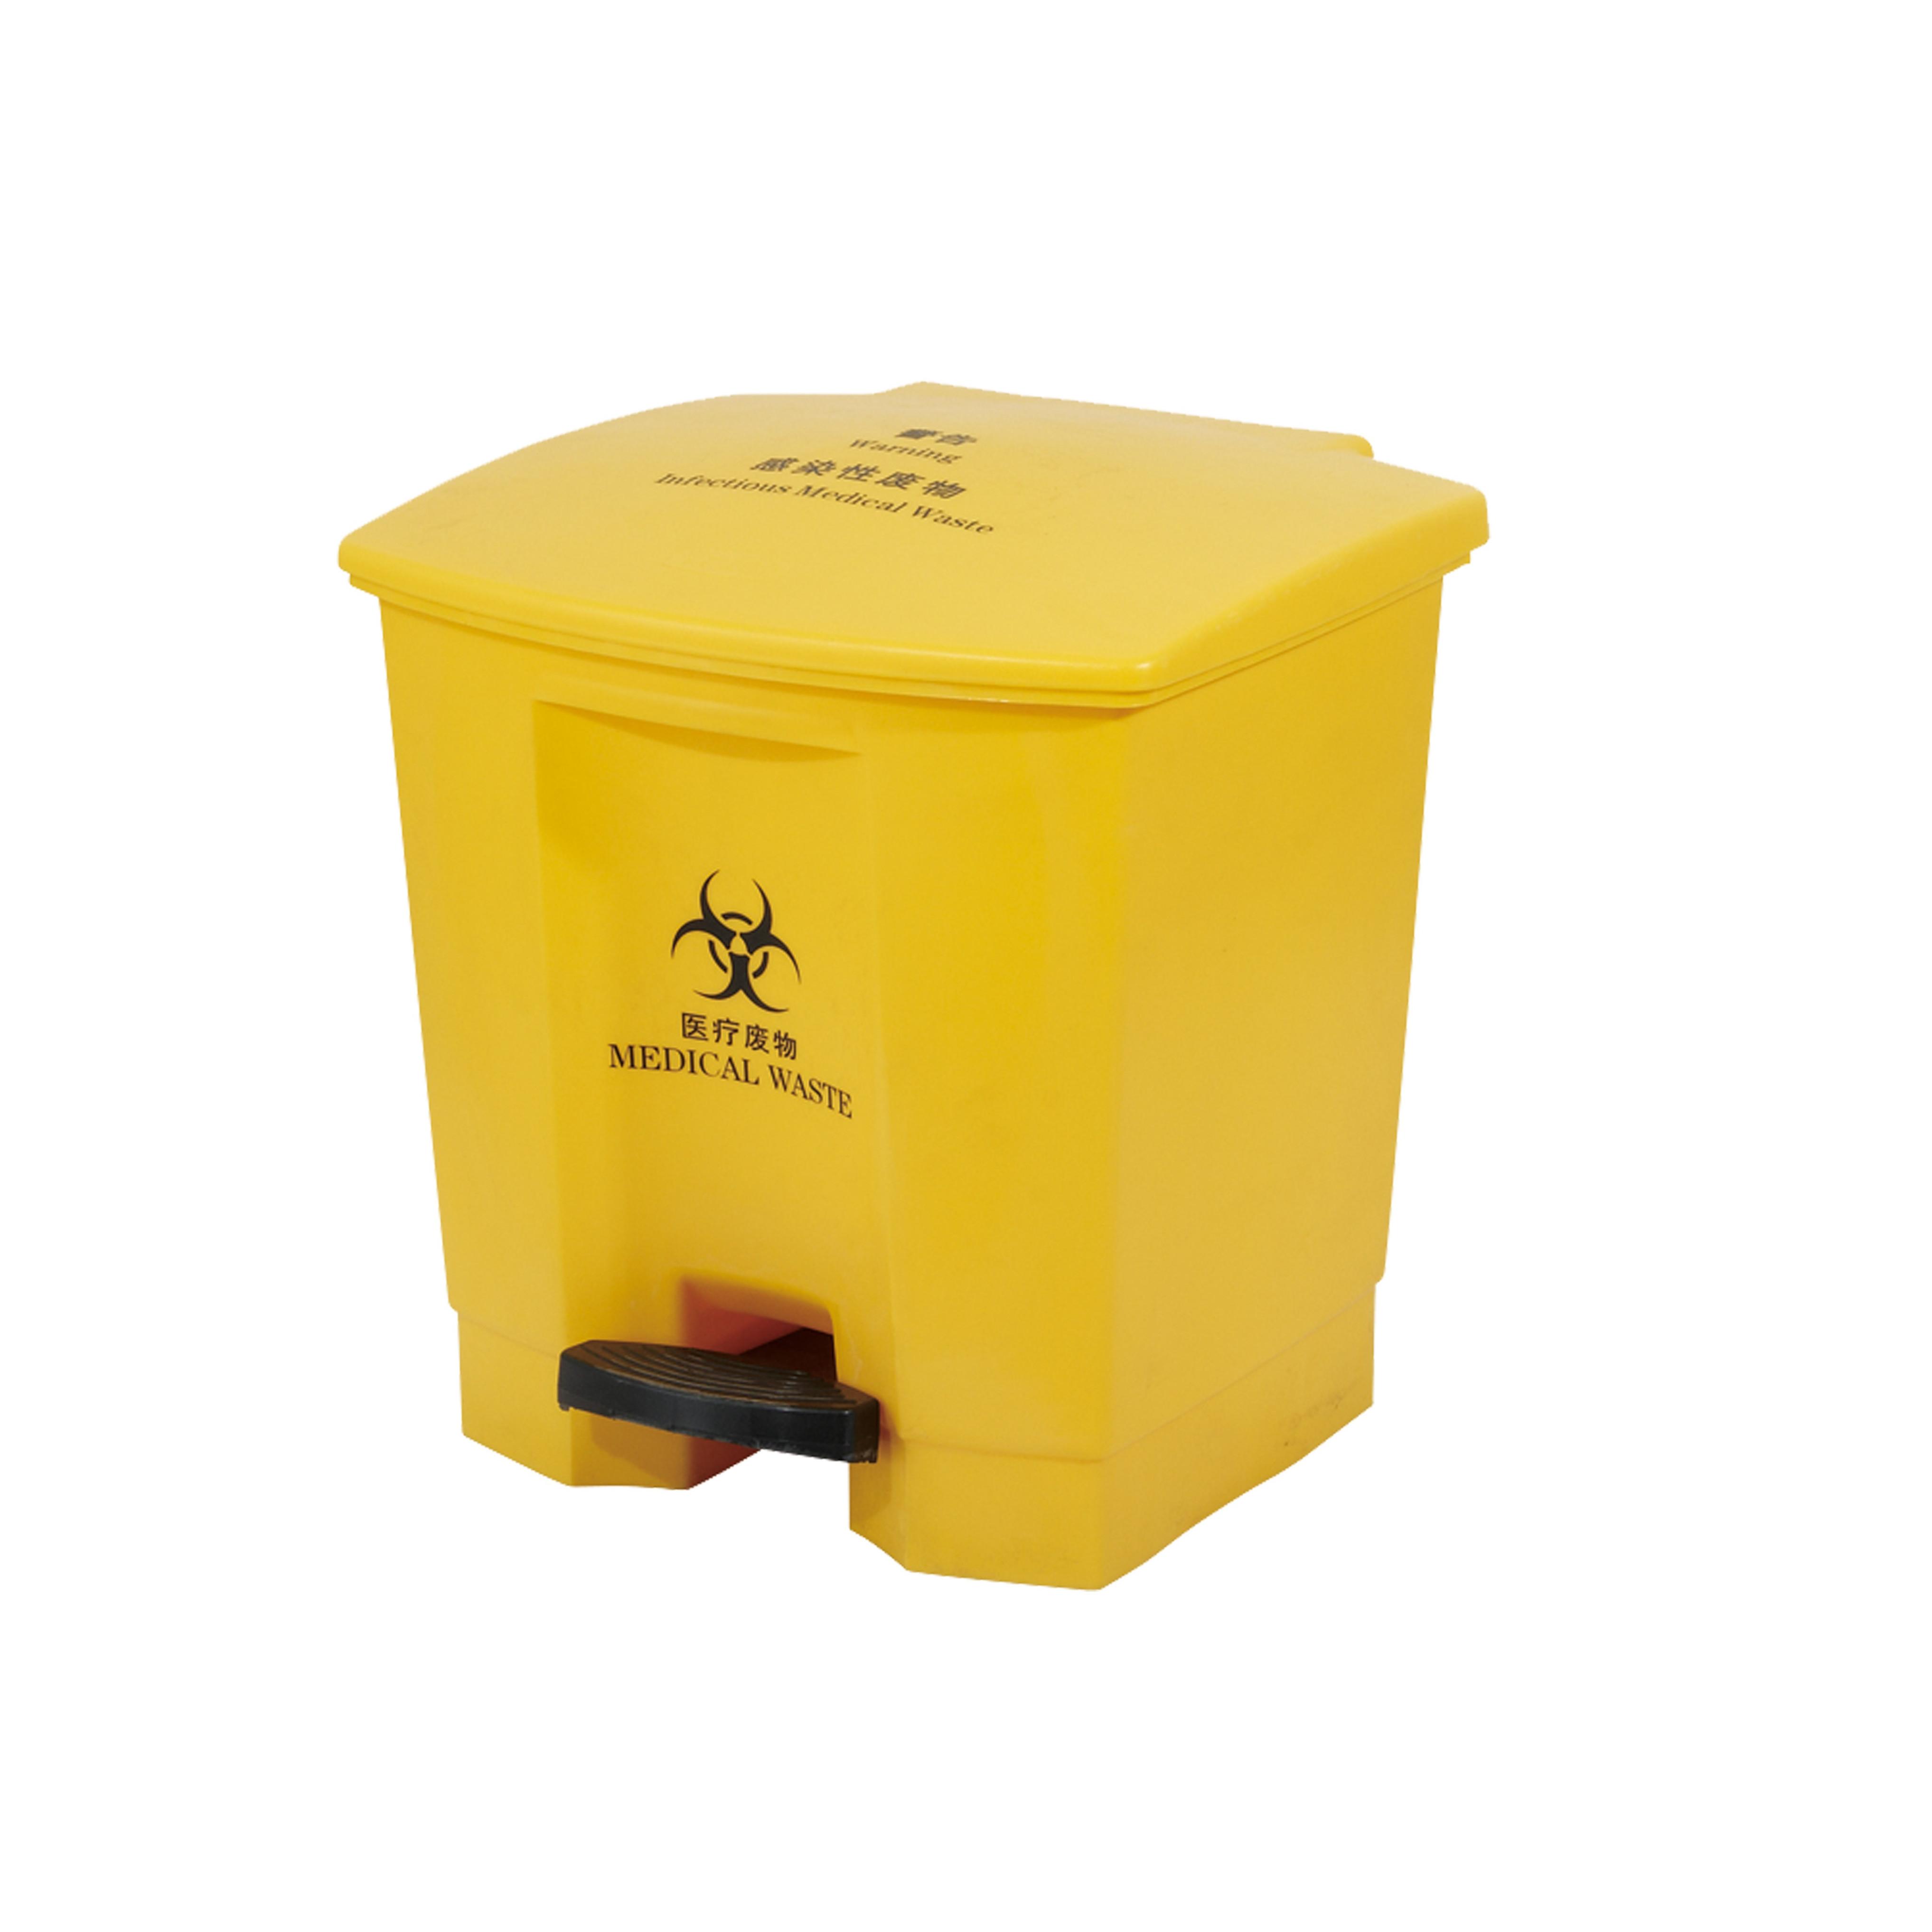 Thùng rác nhựa có nắp bật 30L hiệu TRUST mã 1256YE - 18644482 , 7455409990033 , 62_23192261 , 1782000 , Thung-rac-nhua-co-nap-bat-30L-hieu-TRUST-ma-1256YE-62_23192261 , tiki.vn , Thùng rác nhựa có nắp bật 30L hiệu TRUST mã 1256YE